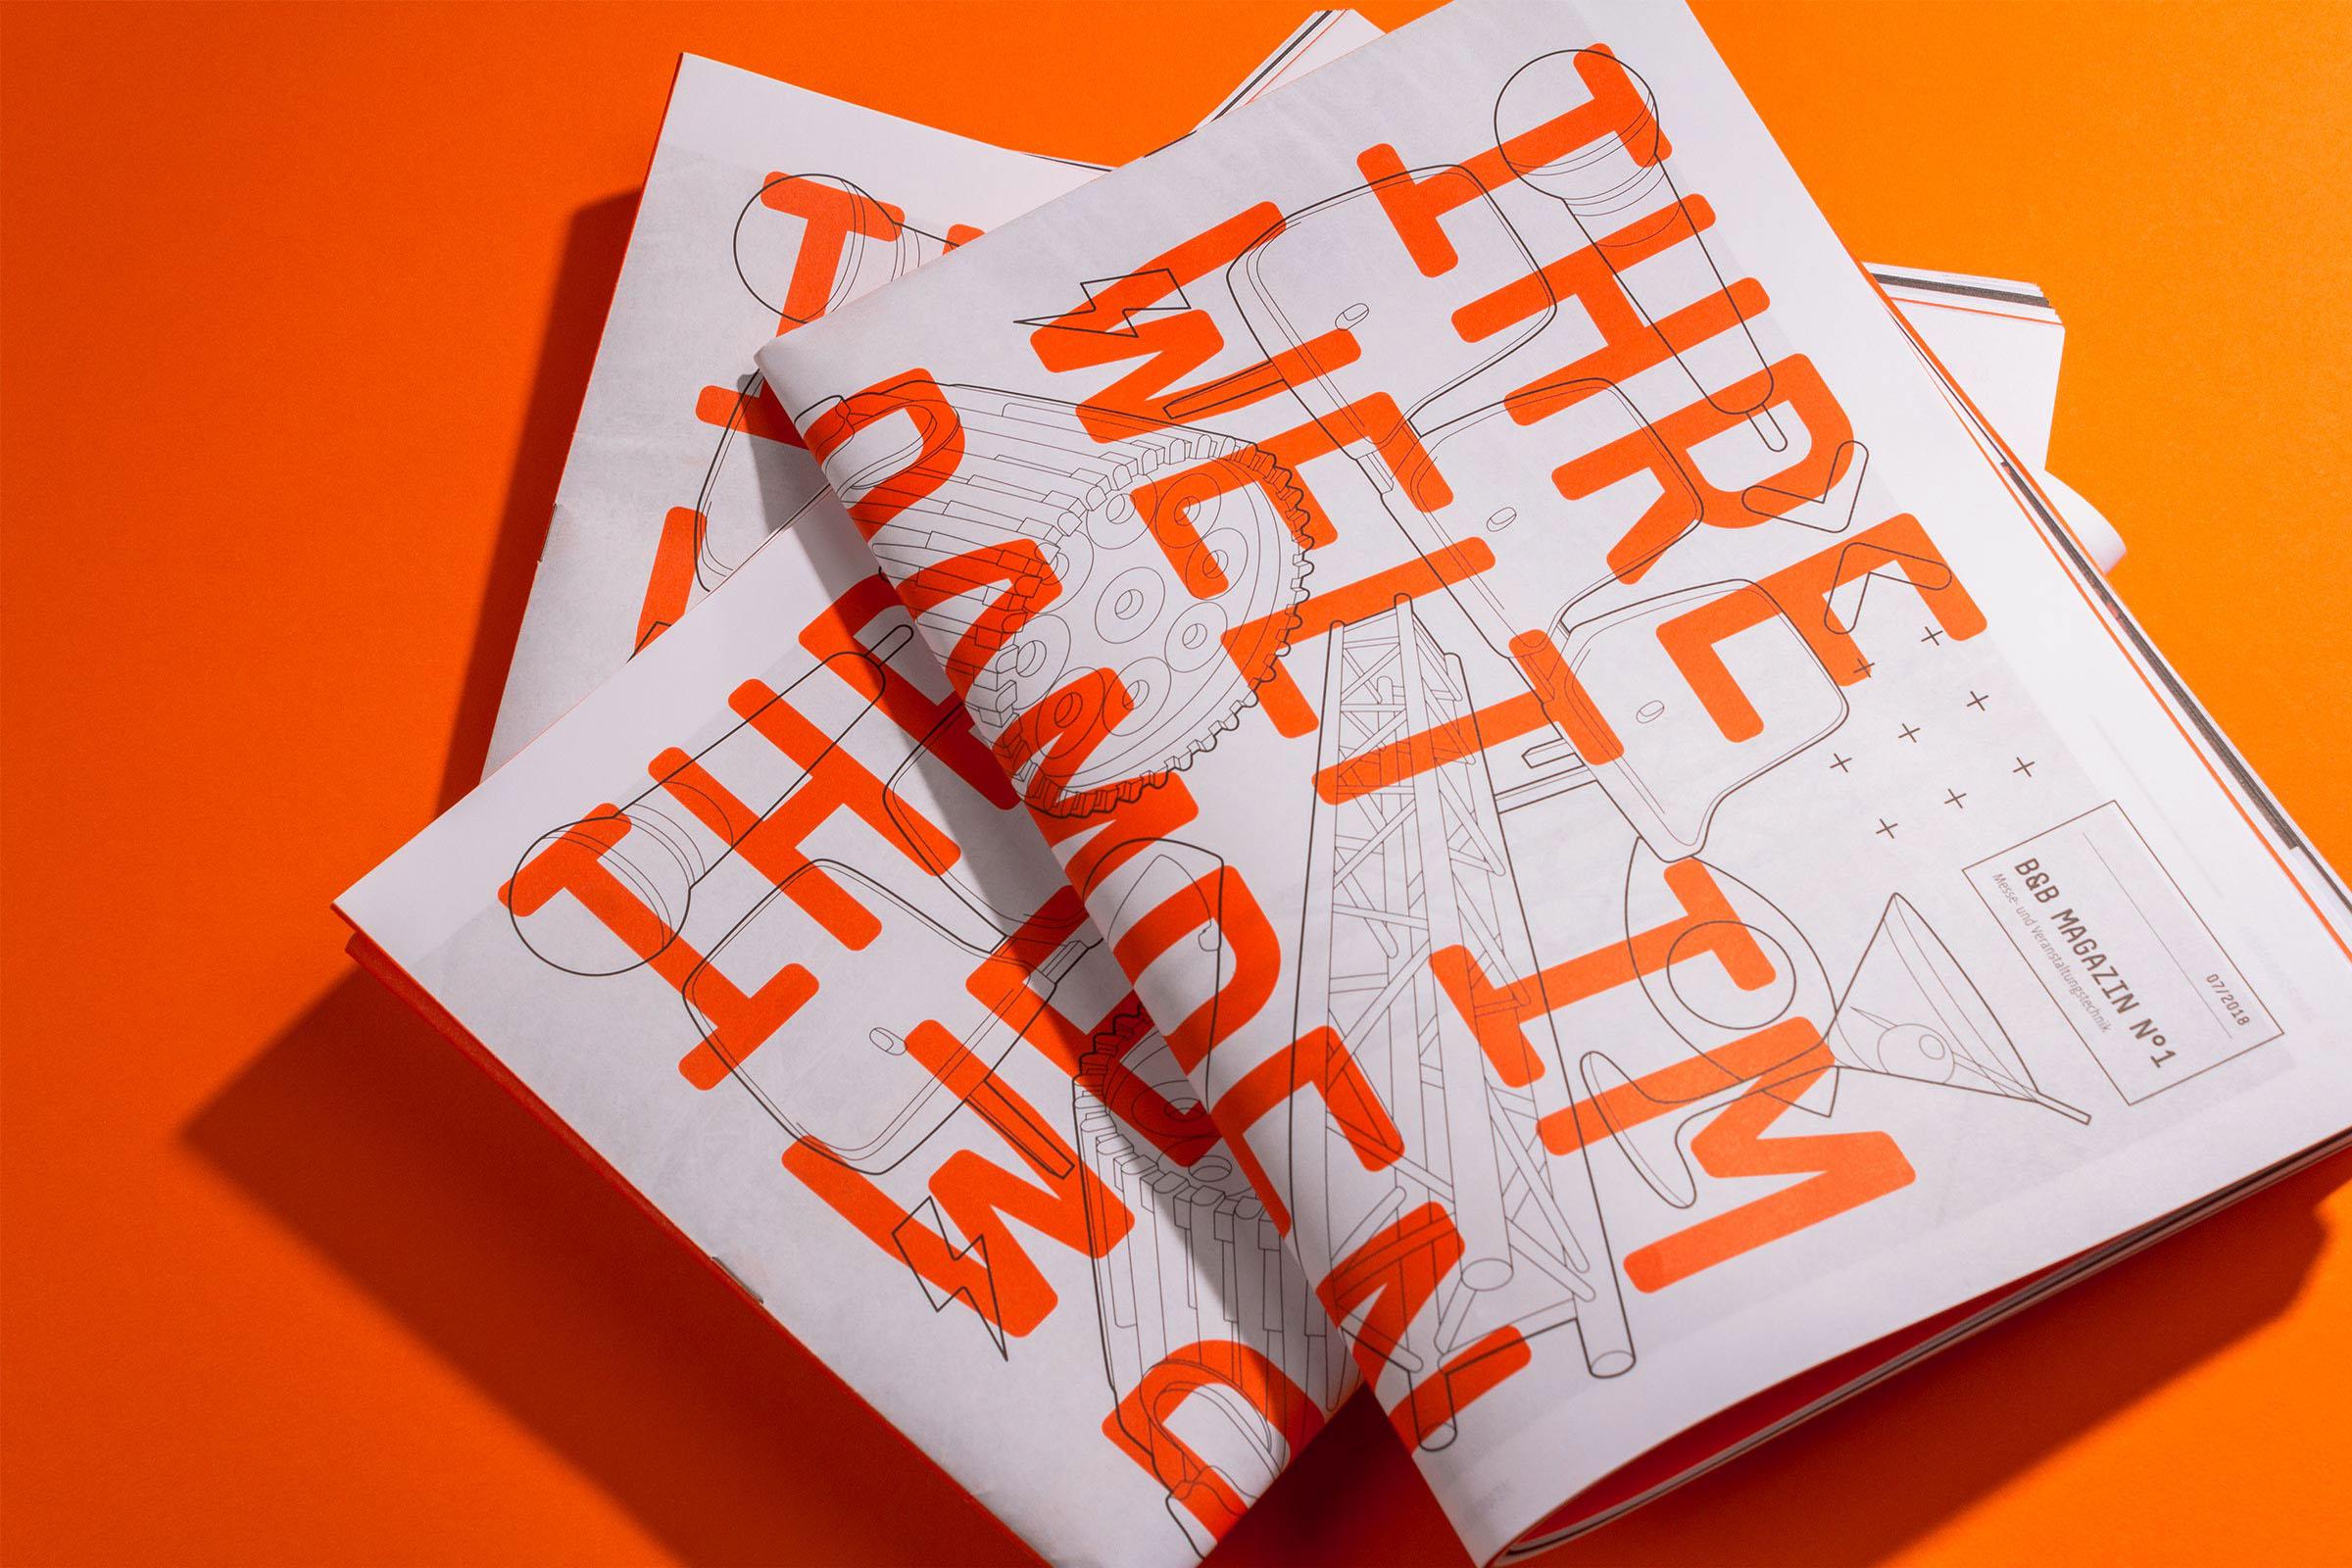 精美橘红杂志设计插图